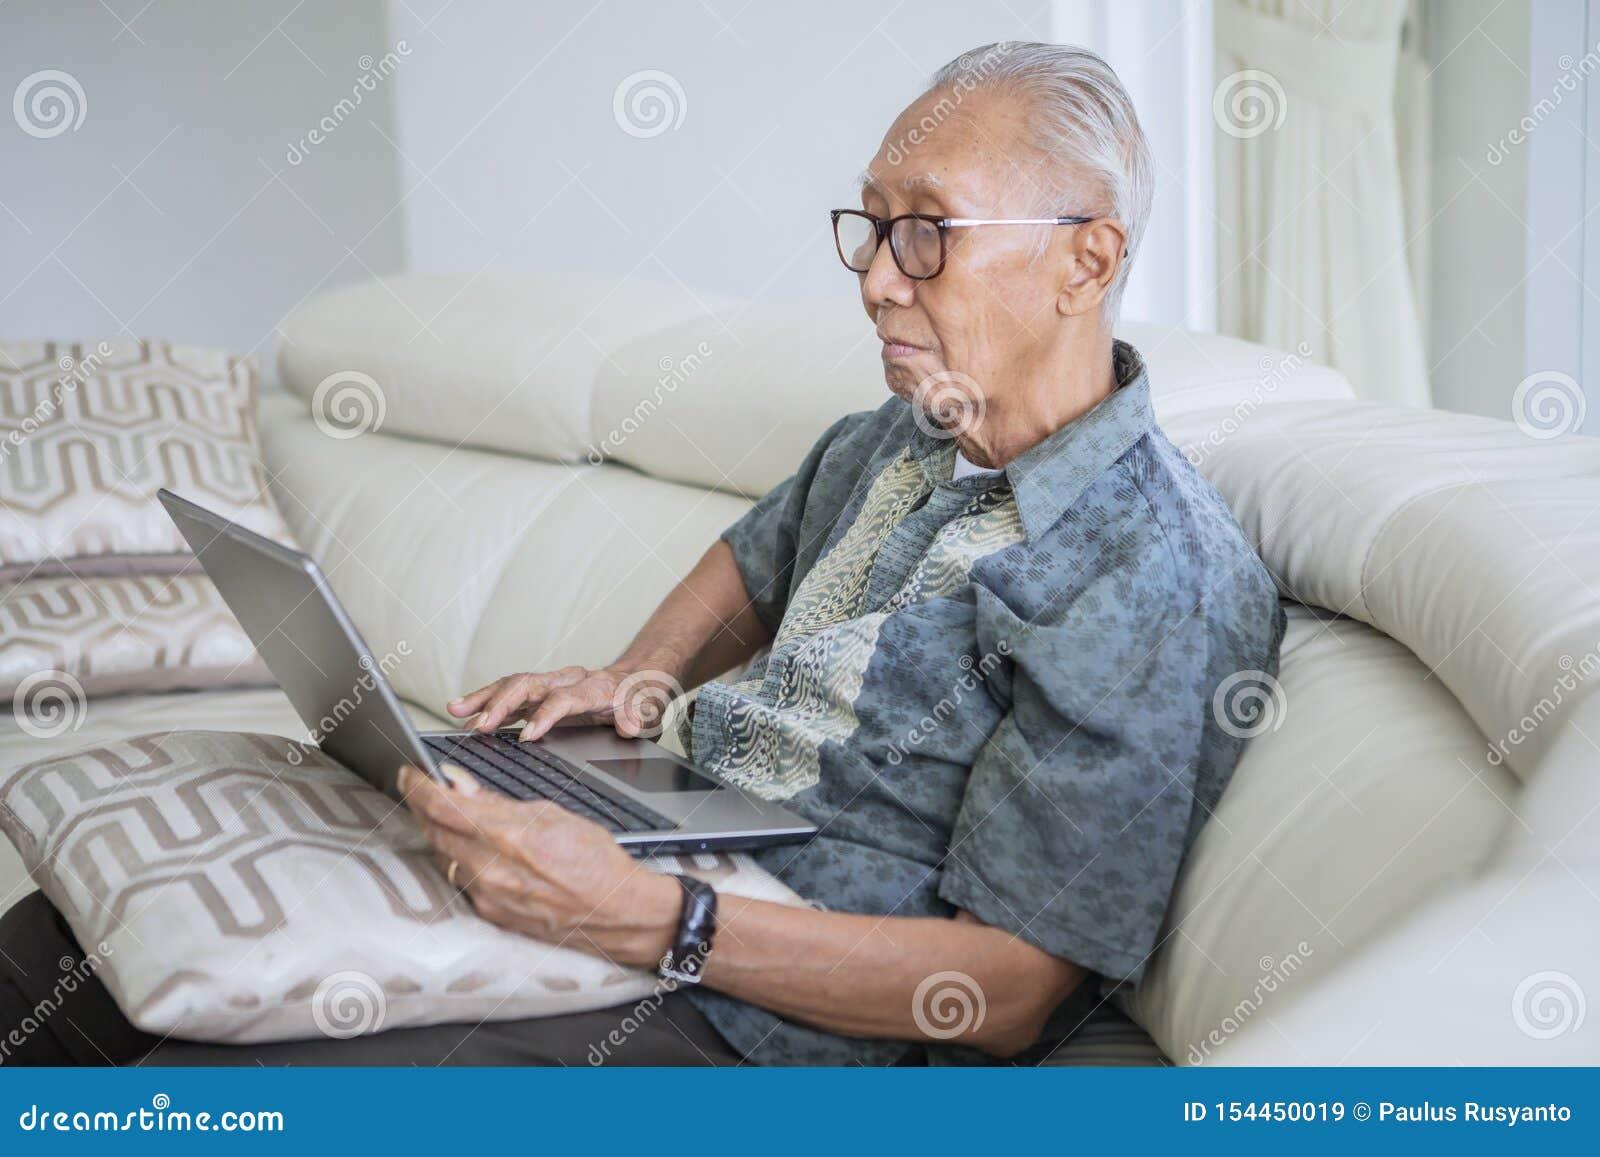 Hombre mayor usando un ordenador portátil en casa